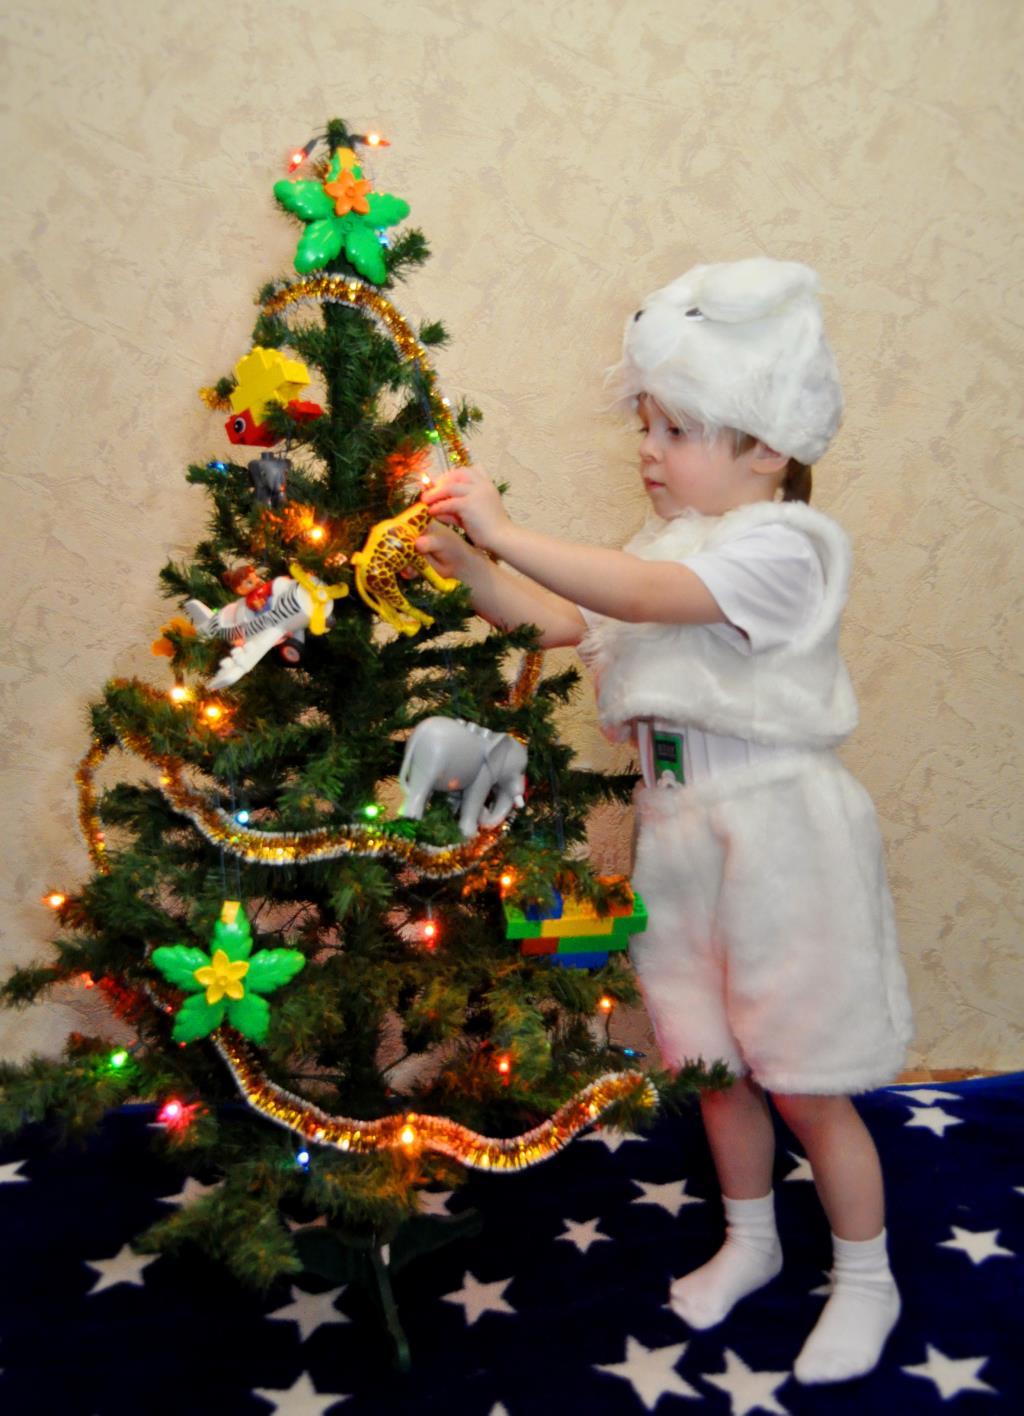 Я с любимым DUPLO , встречу Новый год!. Наряди елку с LEGO